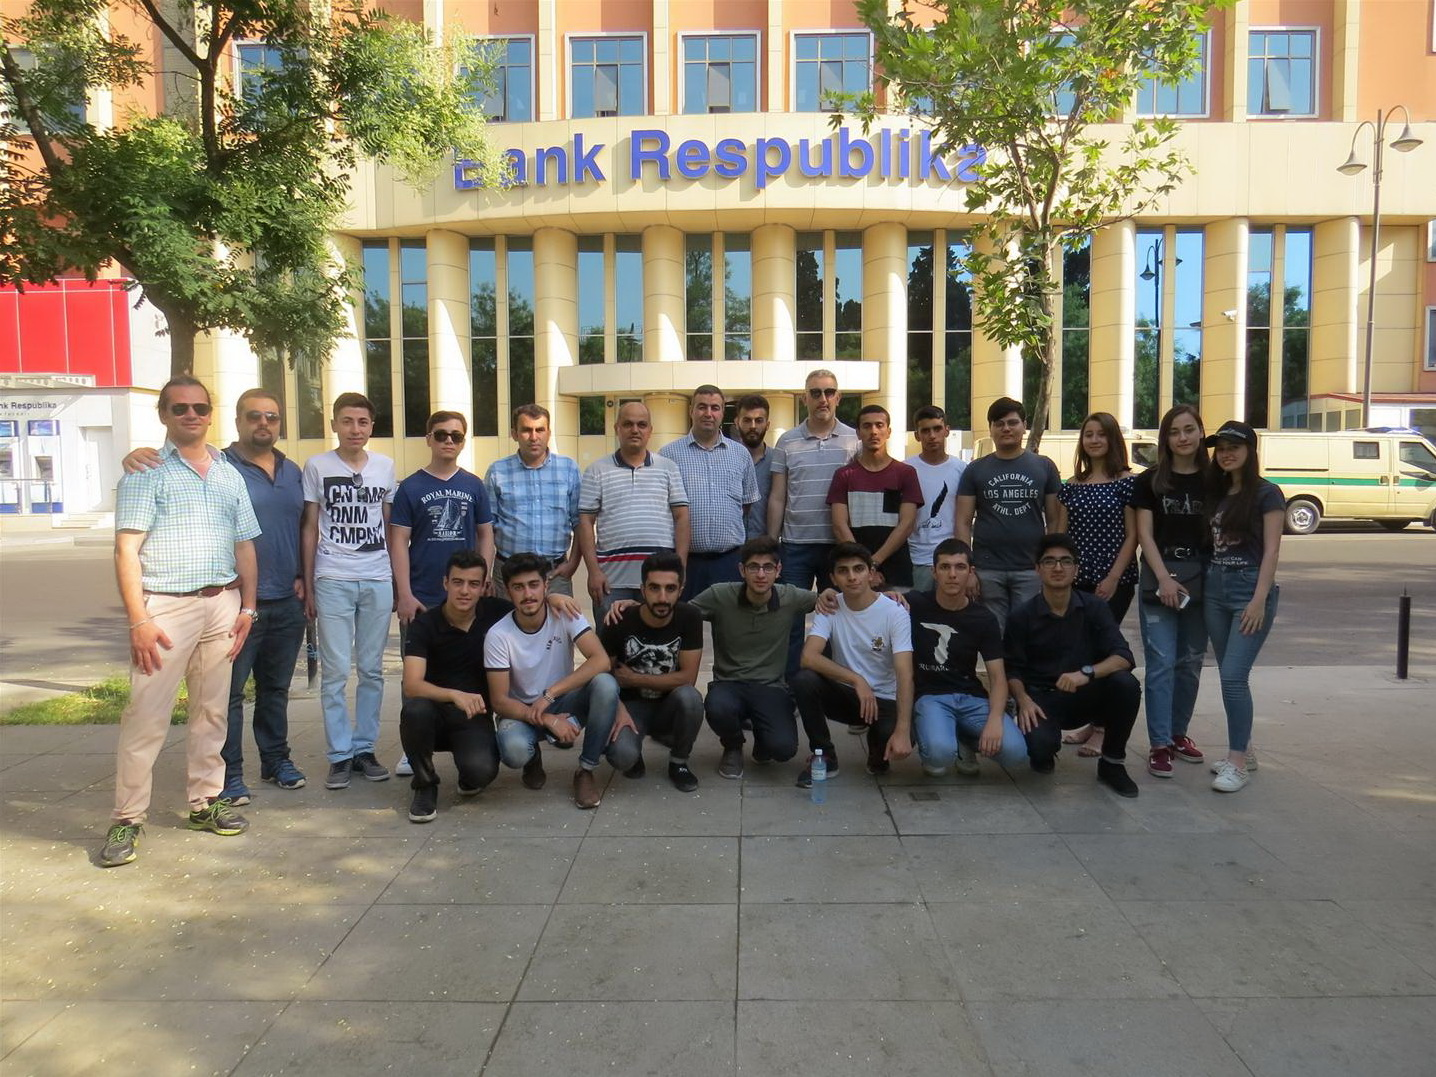 Банк Республика организовал полезные тренинги для стартапов